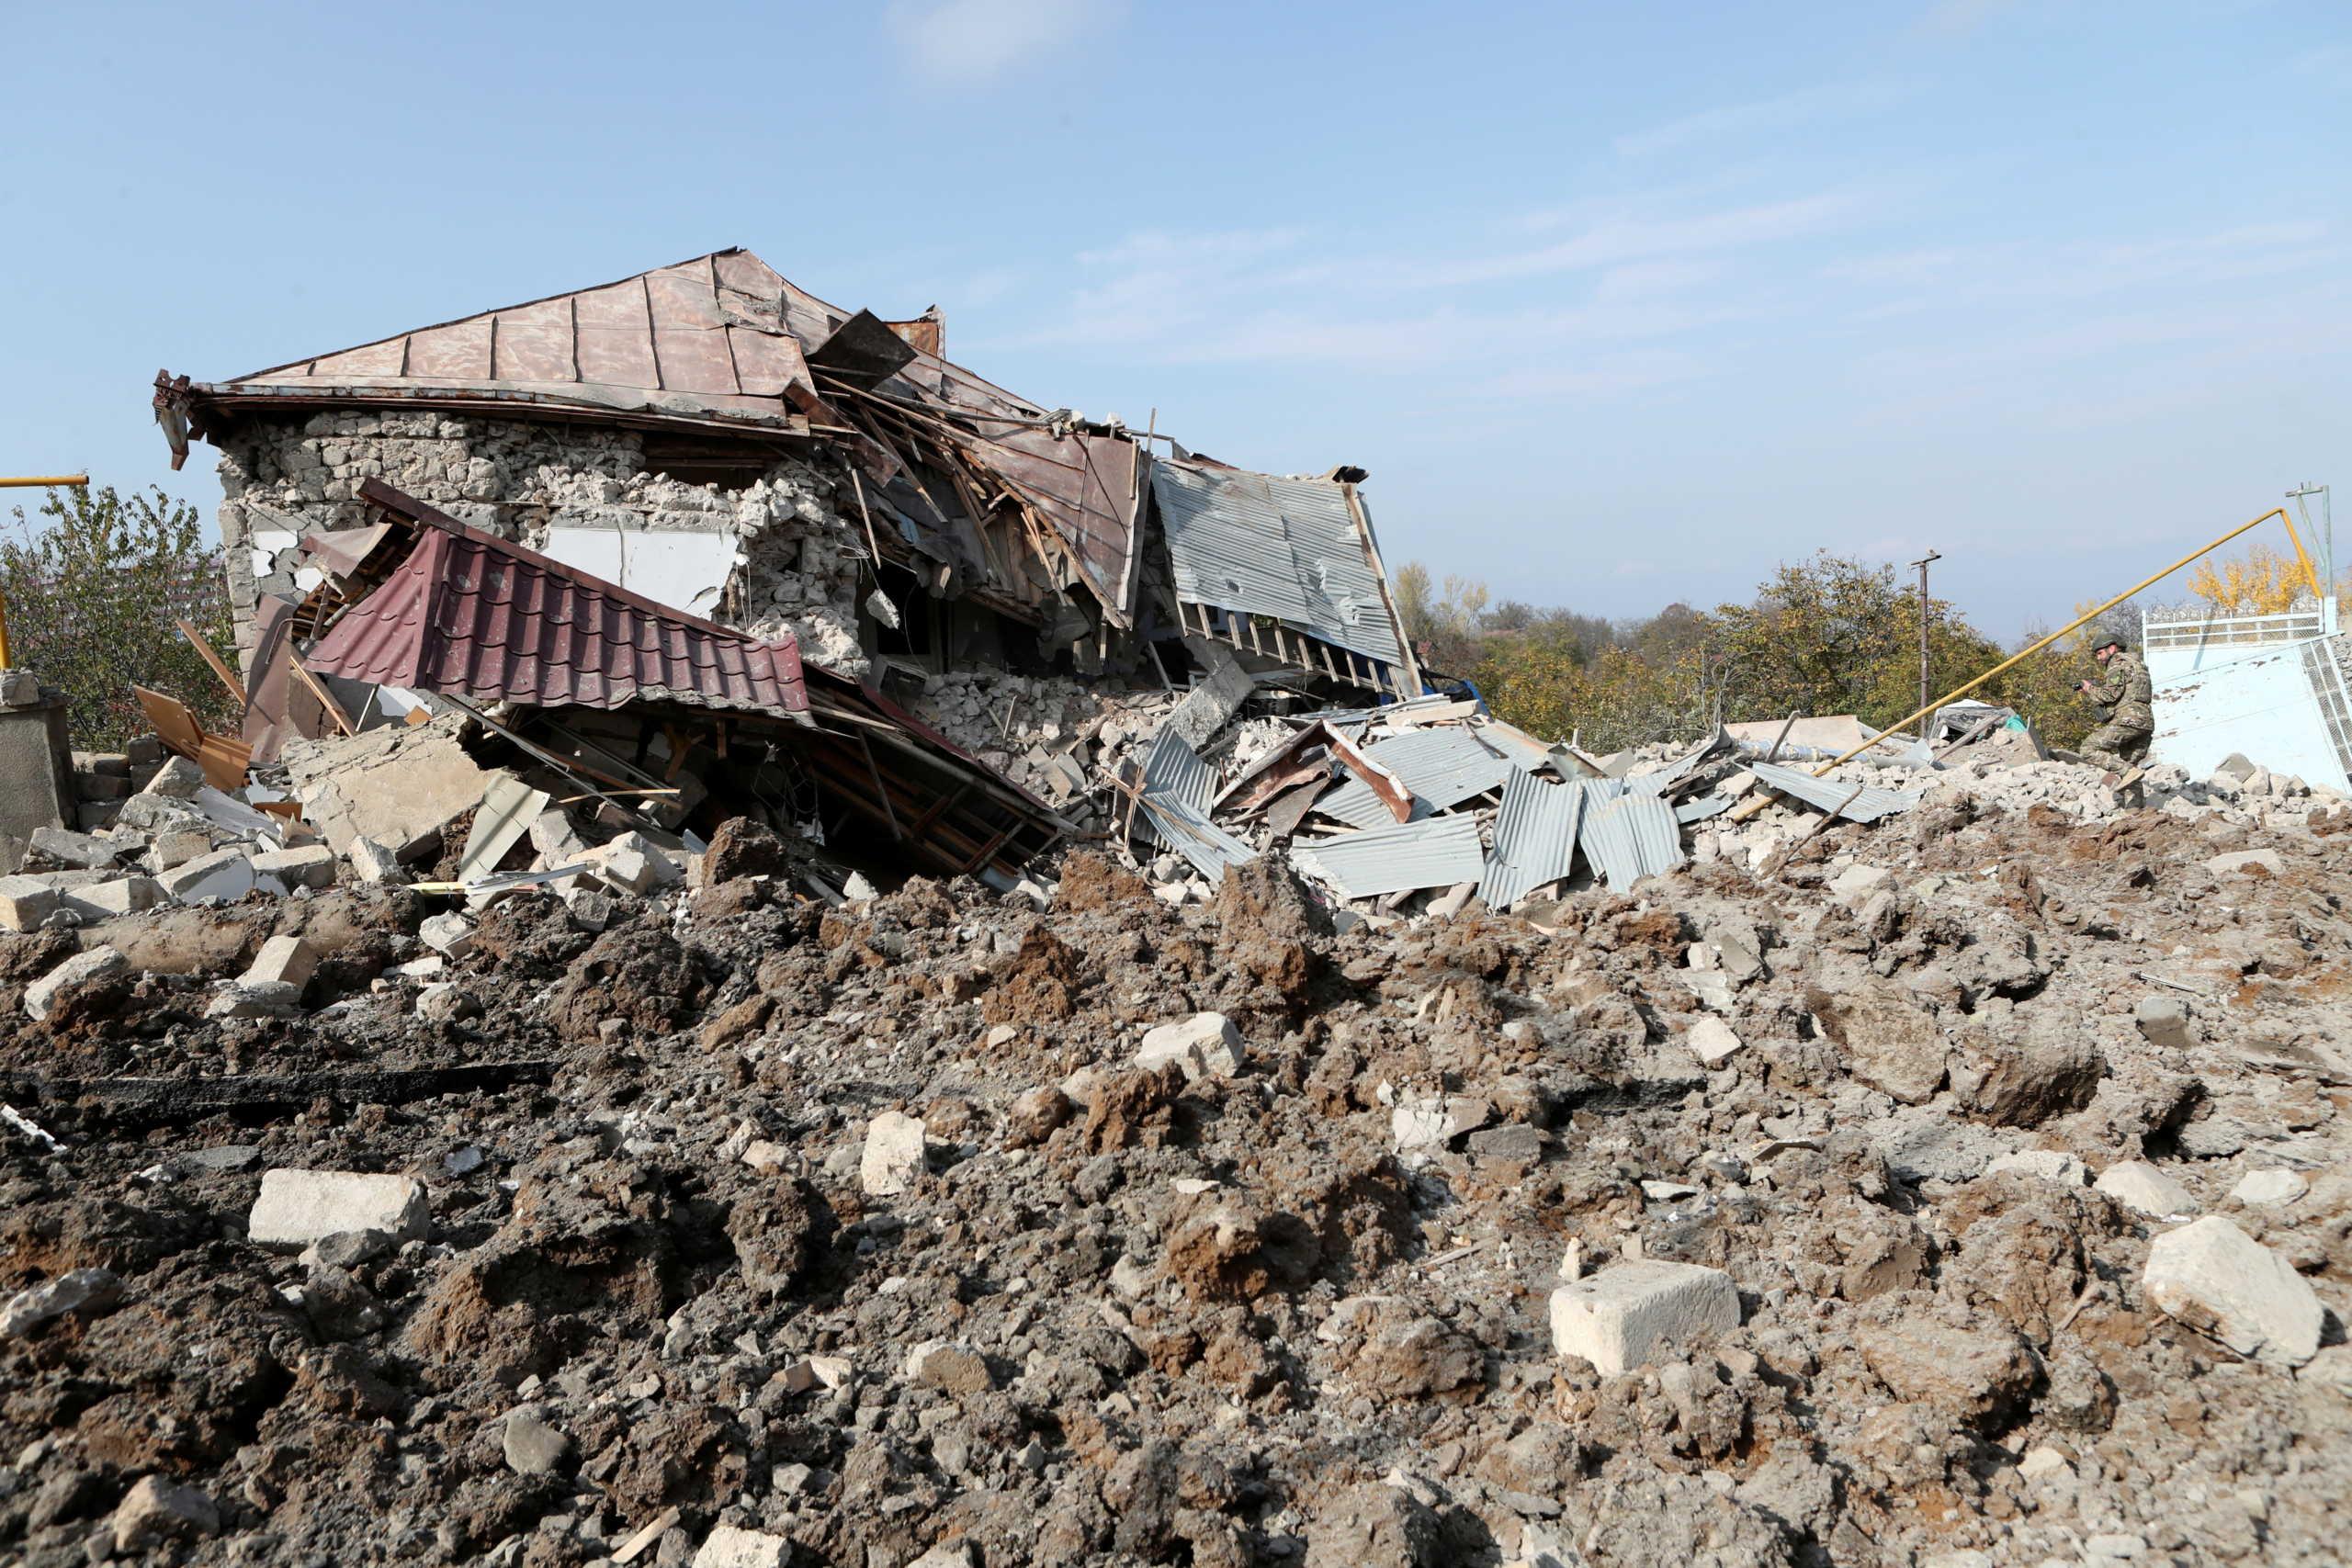 Ναγκόρνο Καραμπάχ: Έτοιμη να μπει στον πόλεμο στο πλευρό της Αρμενίας η Ρωσία!